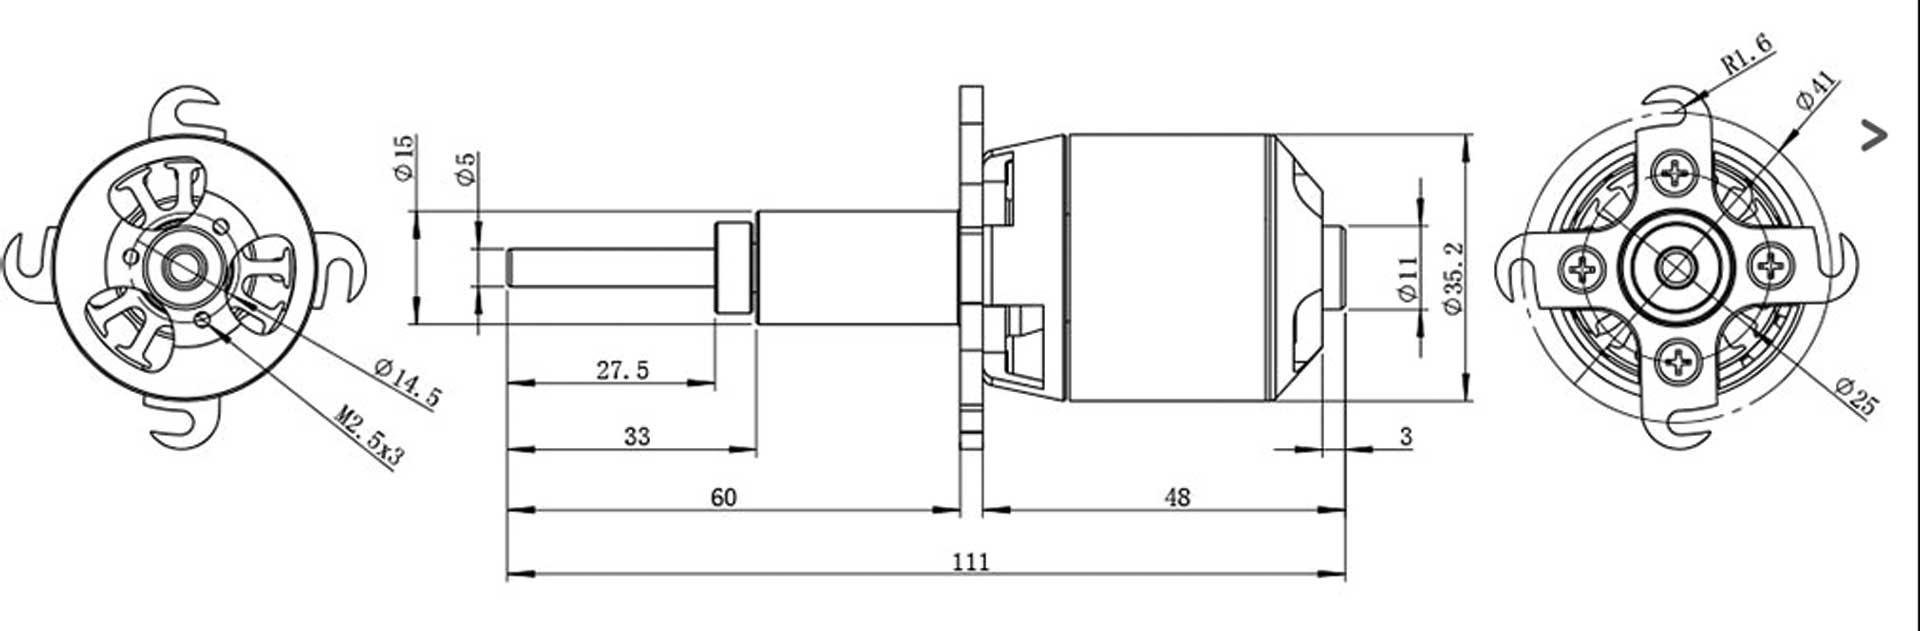 Robbe Modellsport RO-POWER TORQUE LS 3522/5 Brushless Motor